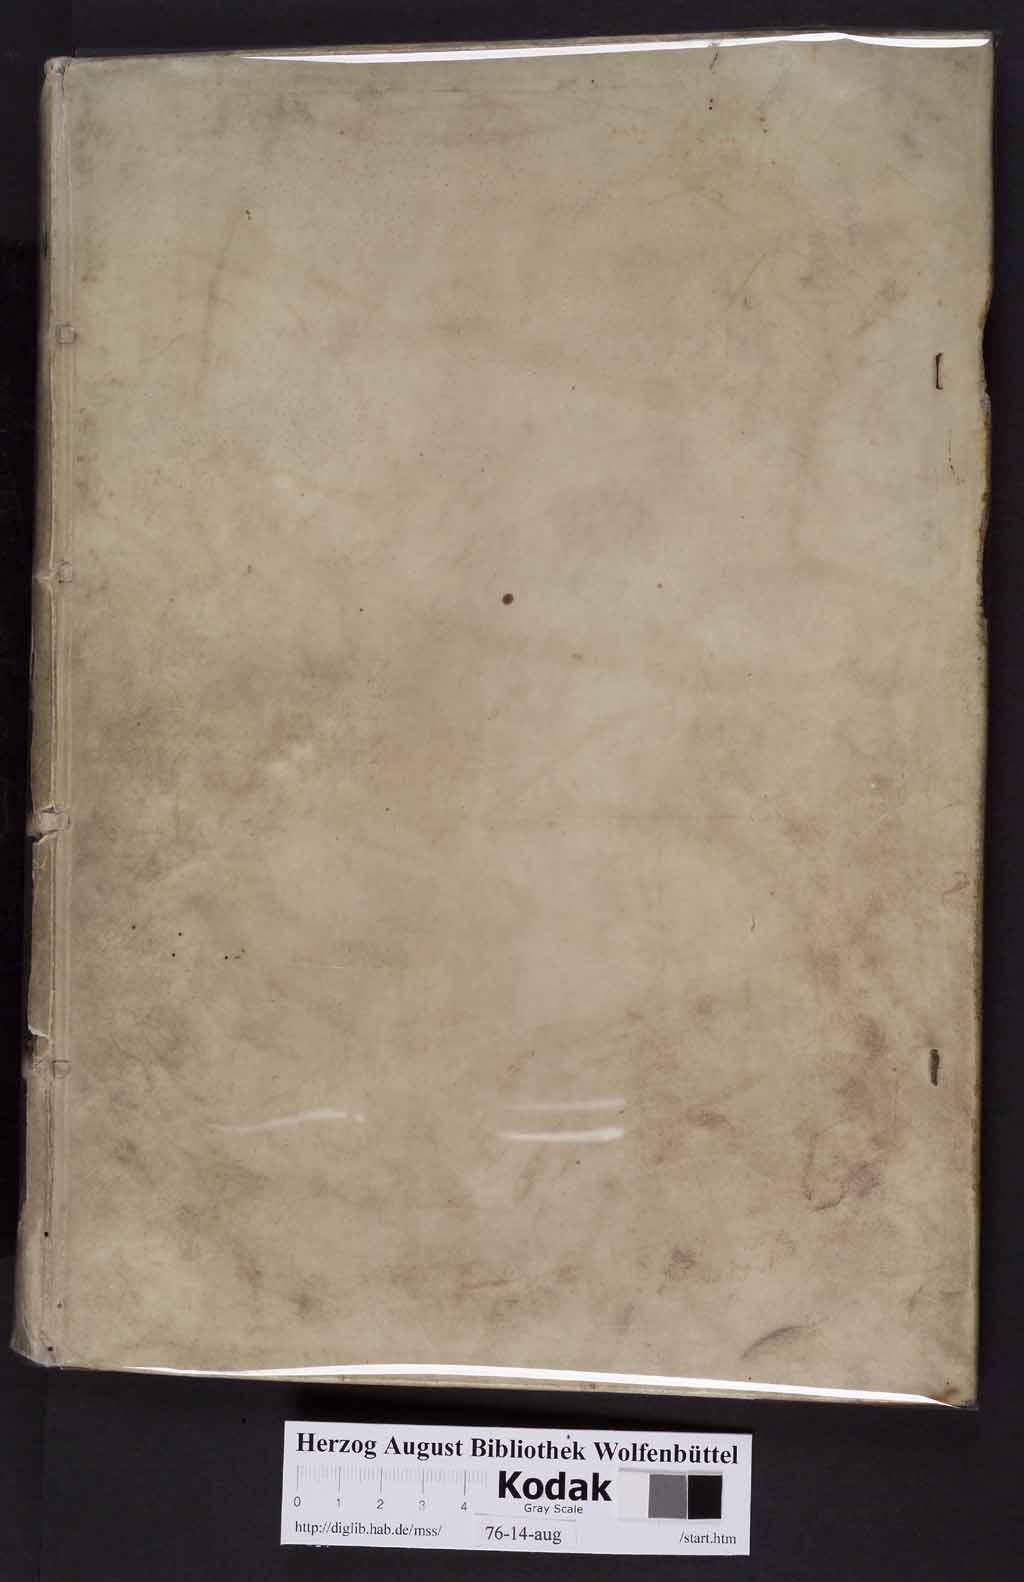 http://diglib.hab.de/mss/76-14-aug-2f/00001.jpg